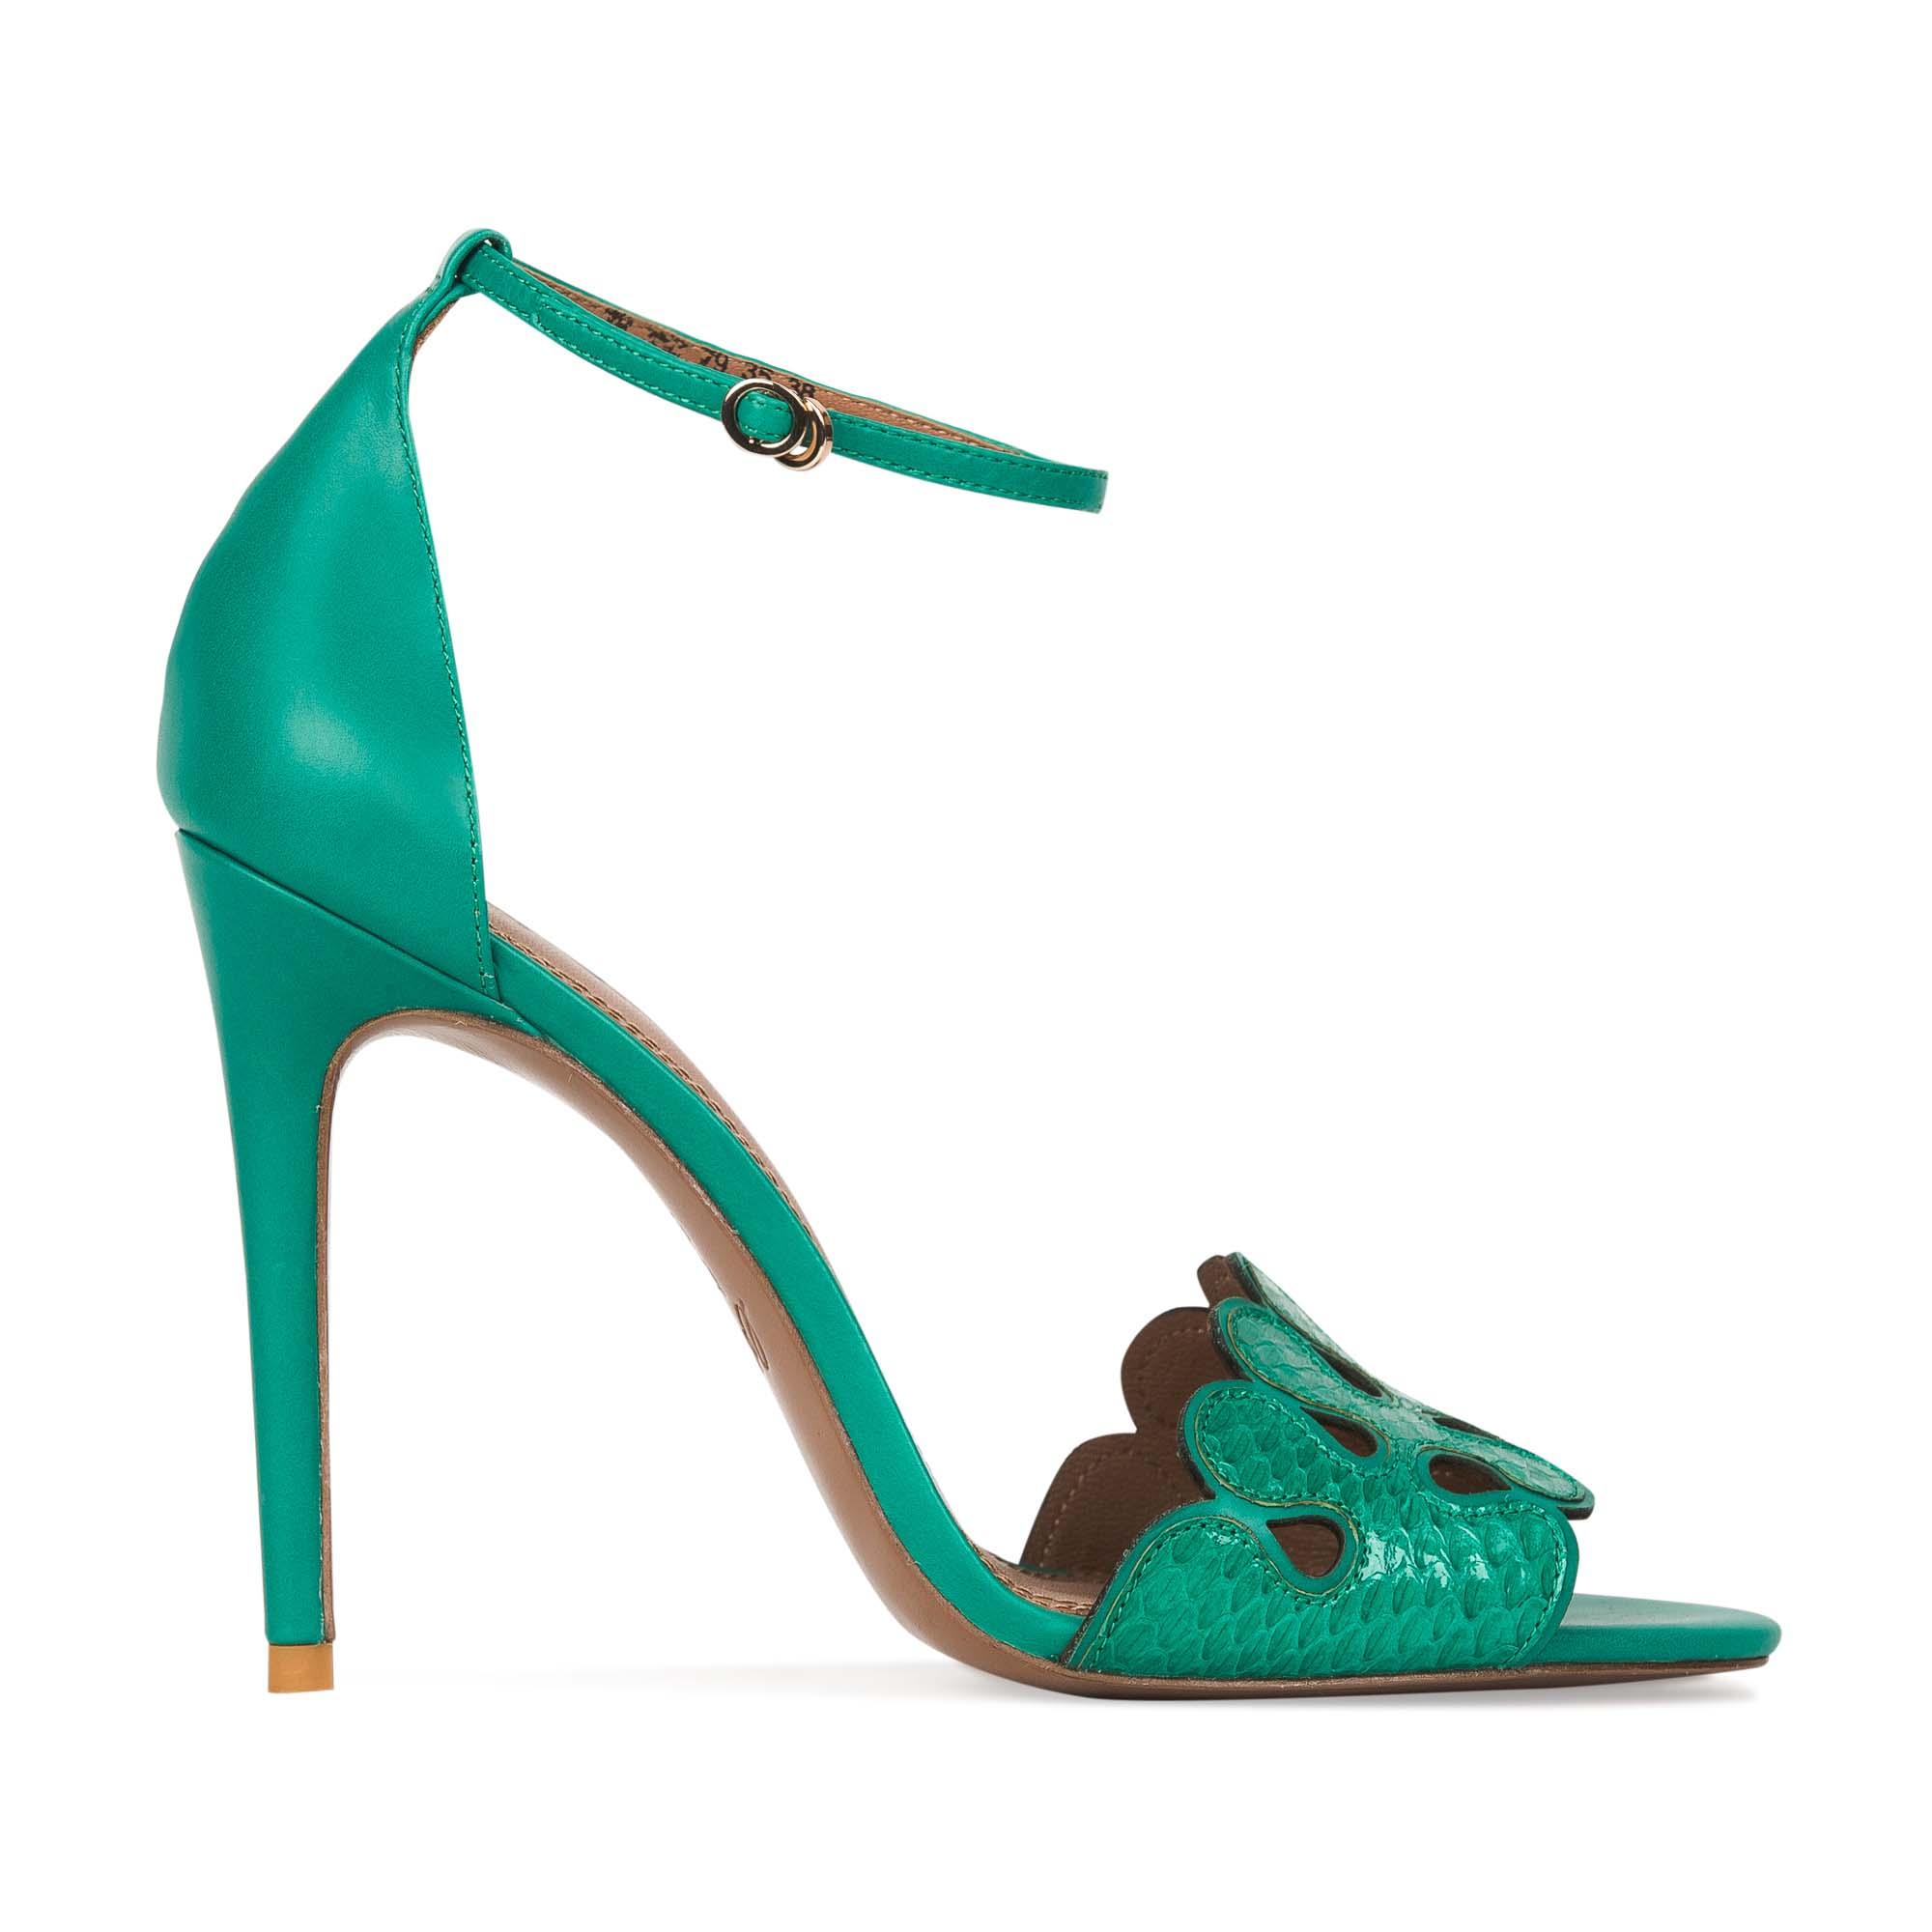 Босоножки из кожи змеи бирюзового цветаТуфли женские<br><br>Материал верха: Кожа змеи<br>Материал подкладки: Кожа<br>Материал подошвы: Кожа<br>Цвет: Зеленый<br>Высота каблука: 10 см<br>Дизайн: Италия<br>Страна производства: Китай<br><br>Высота каблука: 10 см<br>Материал верха: Кожа змеи<br>Материал подкладки: Кожа<br>Цвет: Зеленый<br>Вес кг: 0.38000000<br>Выберите размер обуви: 39***